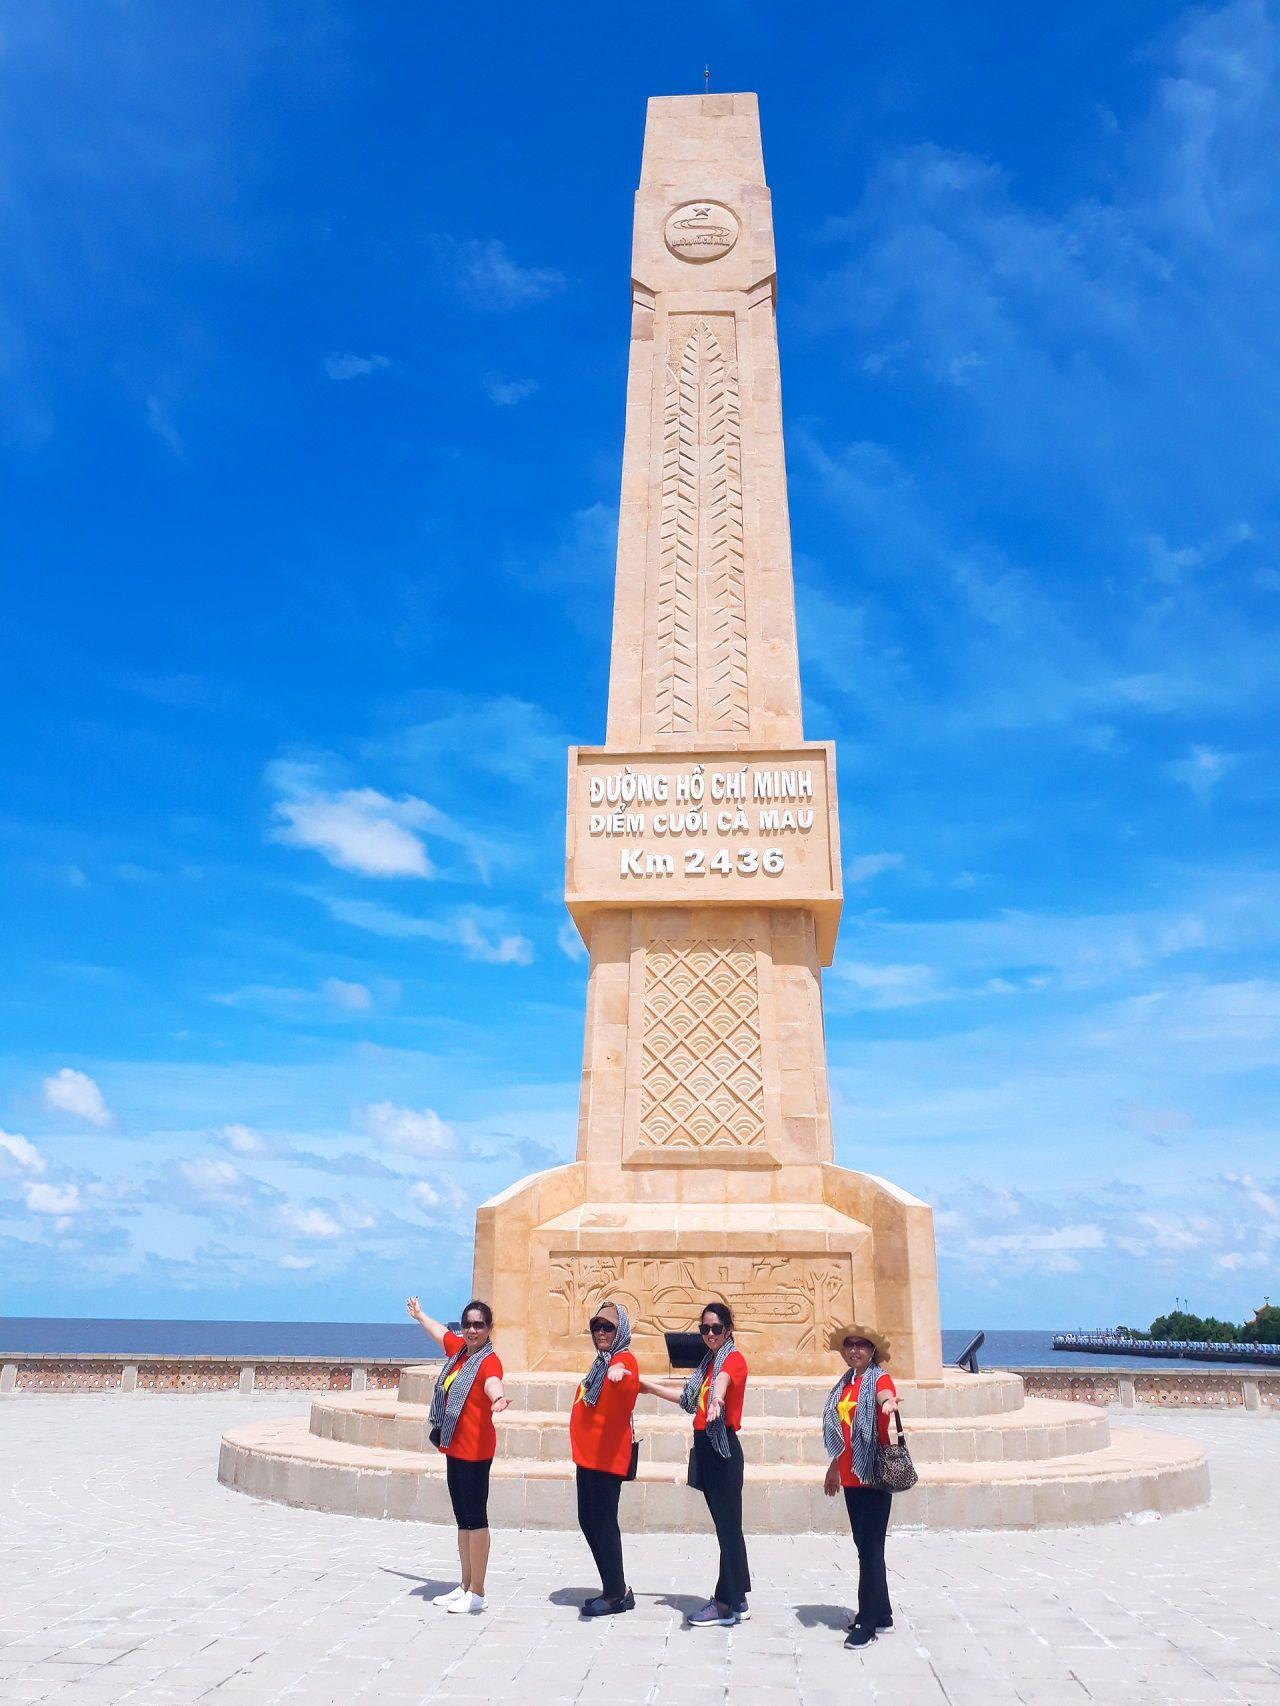 Check-in điểm cuối đường Hồ Chí Minh KM 2436